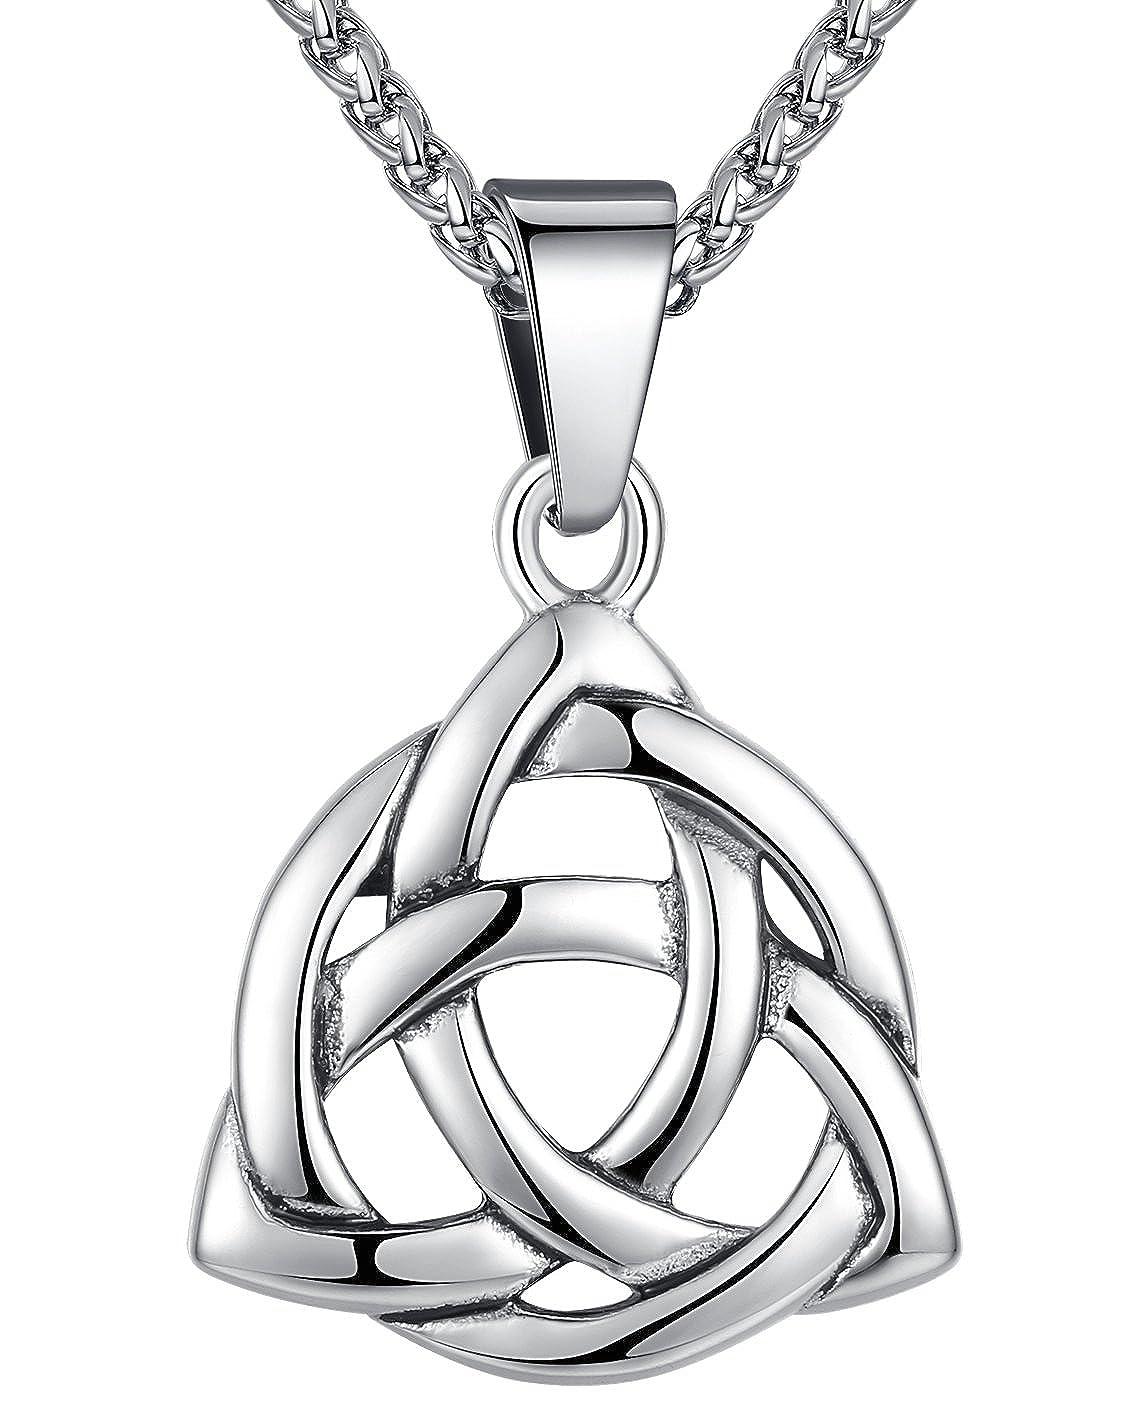 nudo celta Aoiy triquetra irland/és Unisexo cadena de 61cm Collar con colgante de acero inoxidable aap126